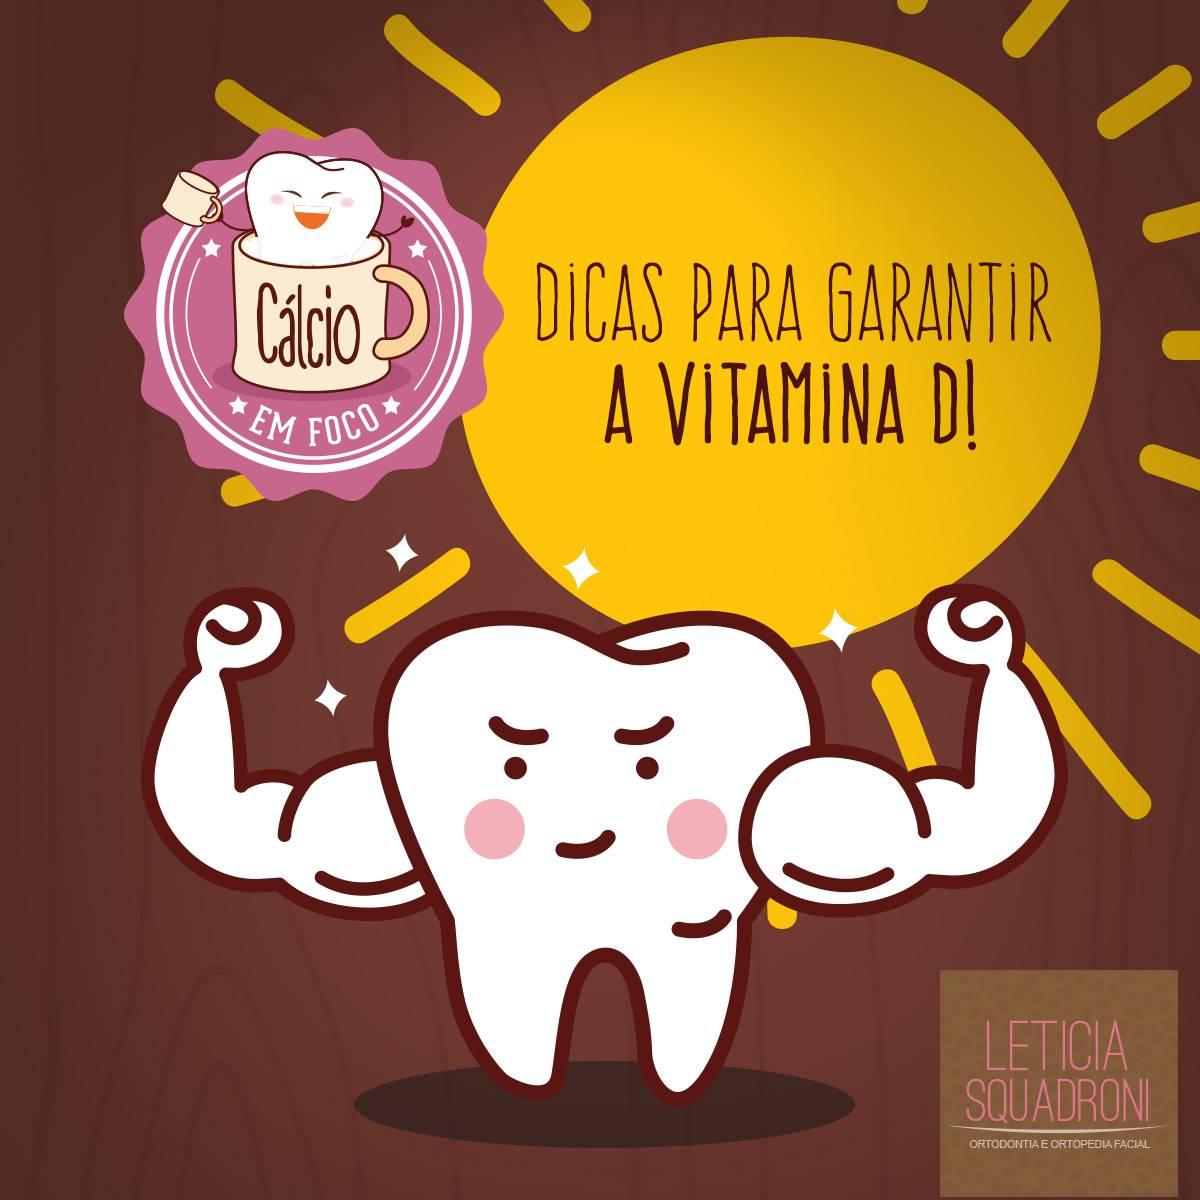 Dicas para garantir a vitamina D!